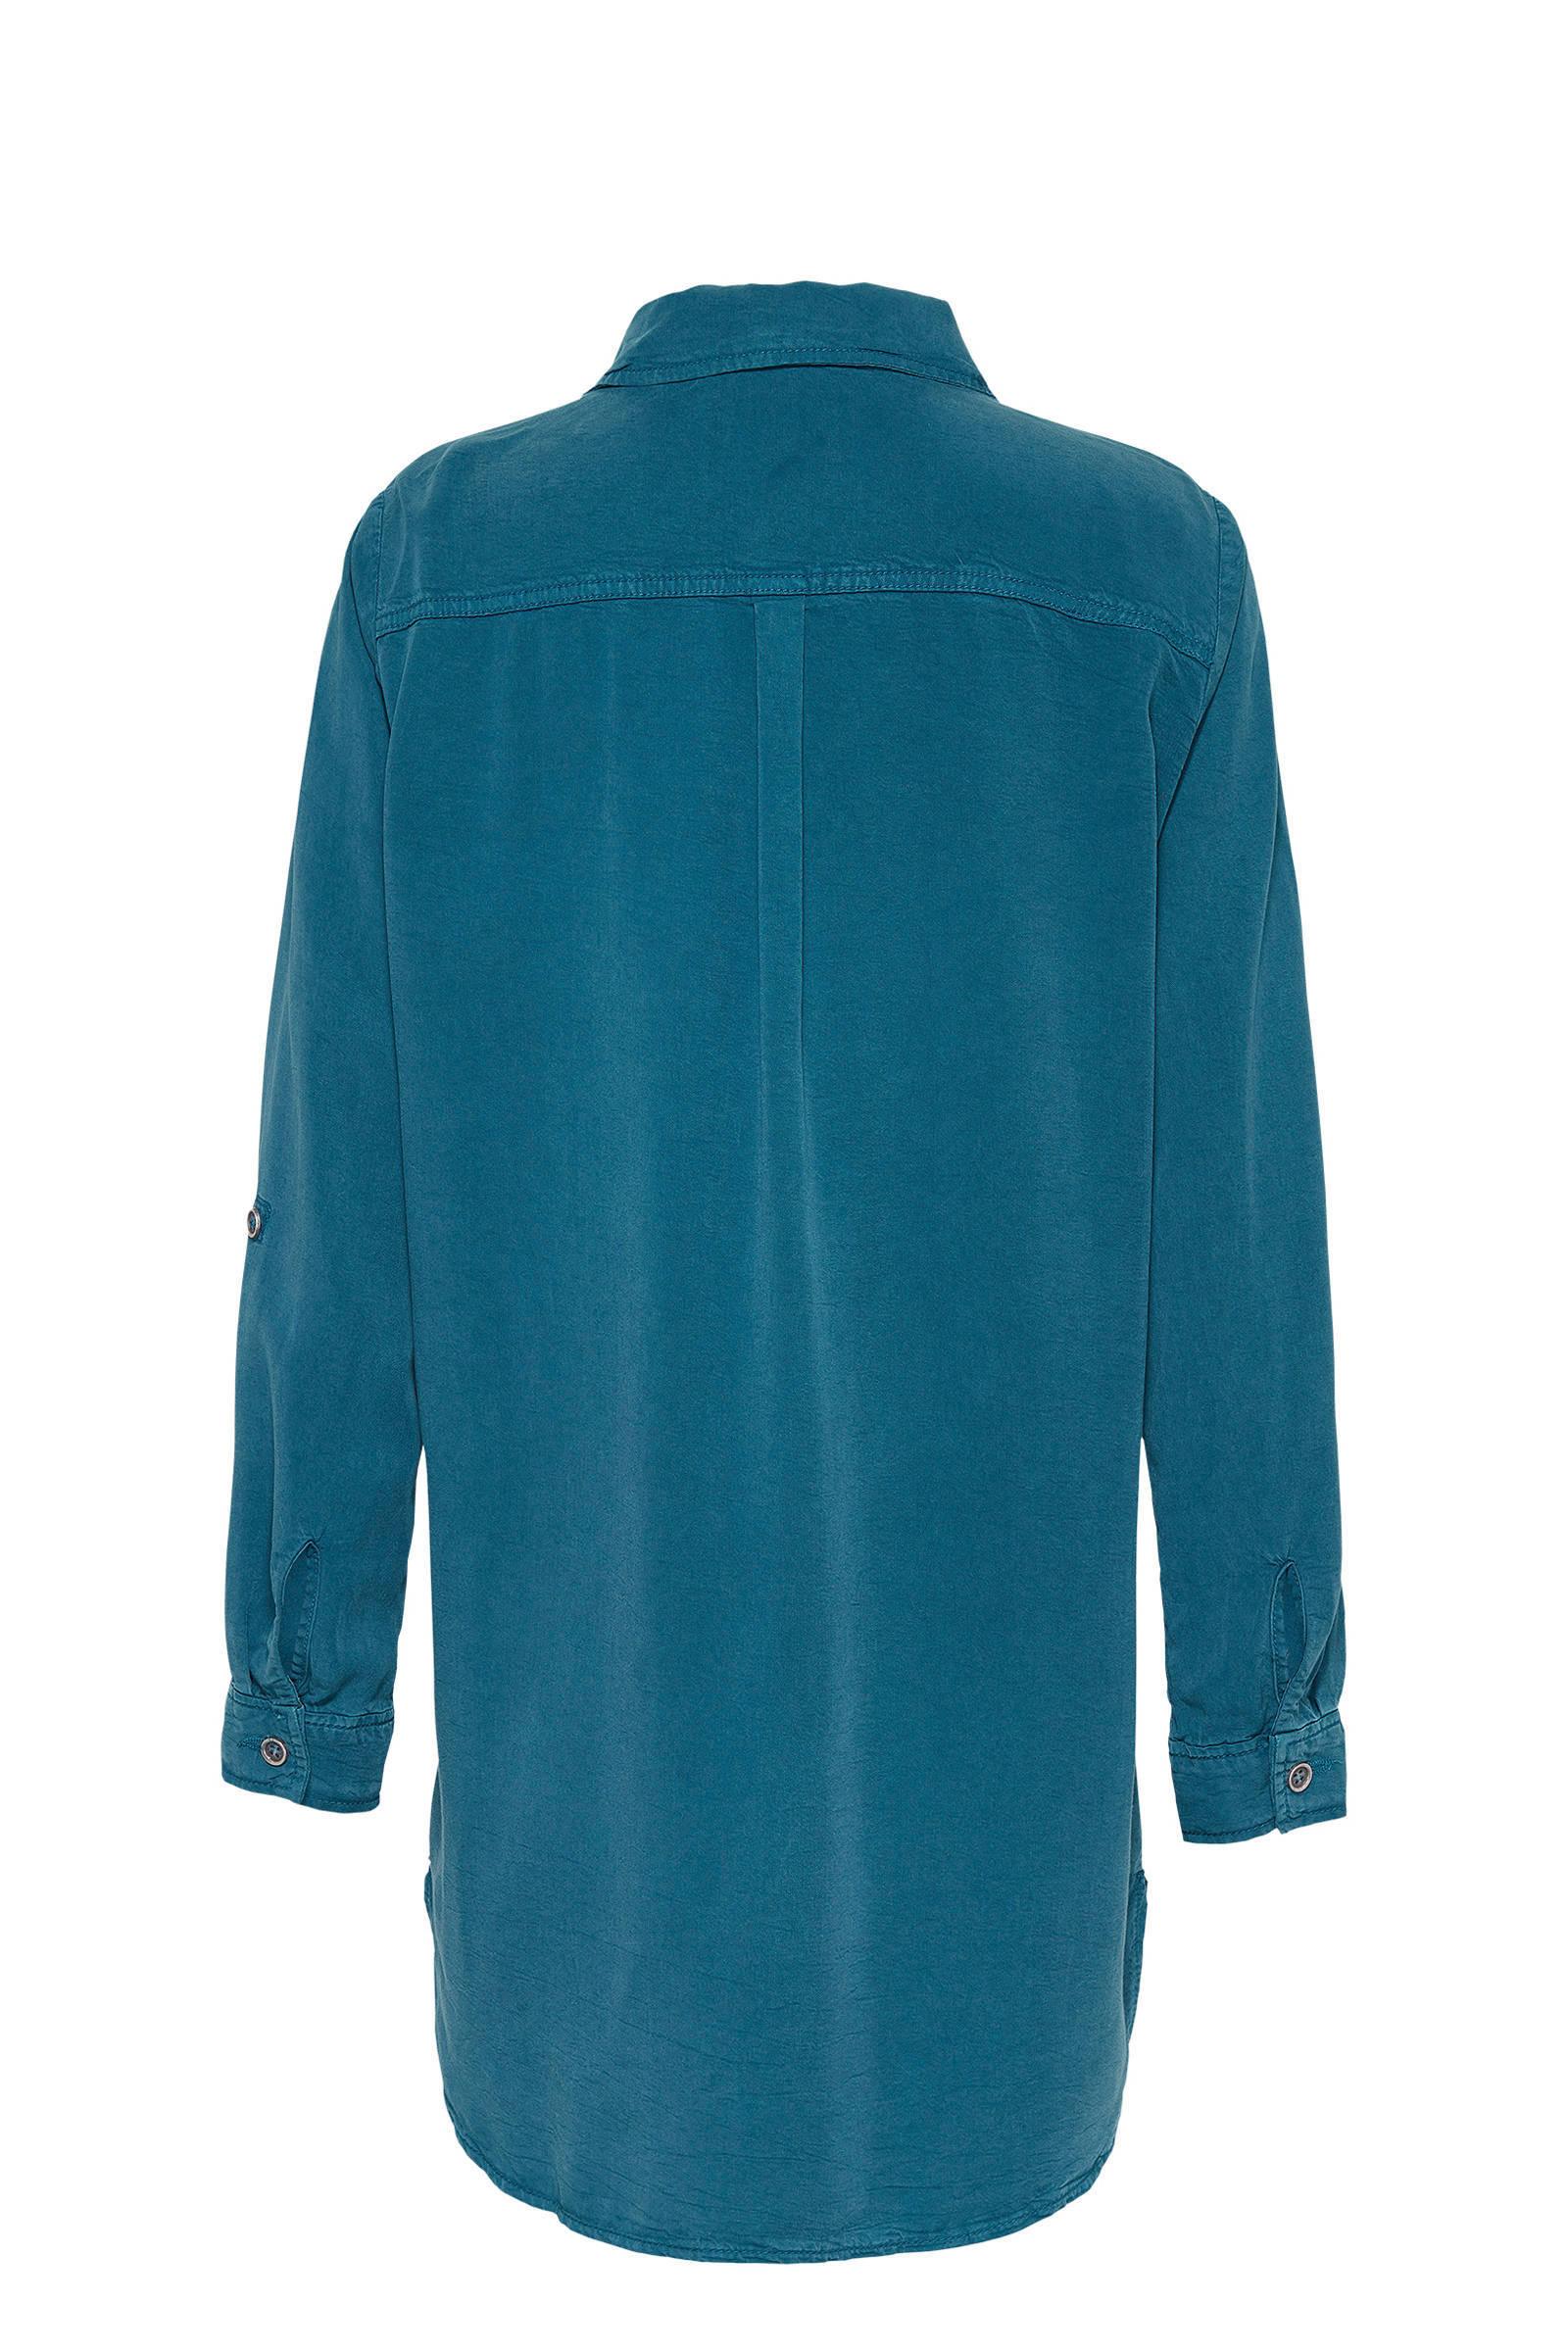 petrol Didi petrol Didi blouse Didi blouse petrol blouse Didi petrol Didi blouse blouse petrol Didi 5rYqSYfRv